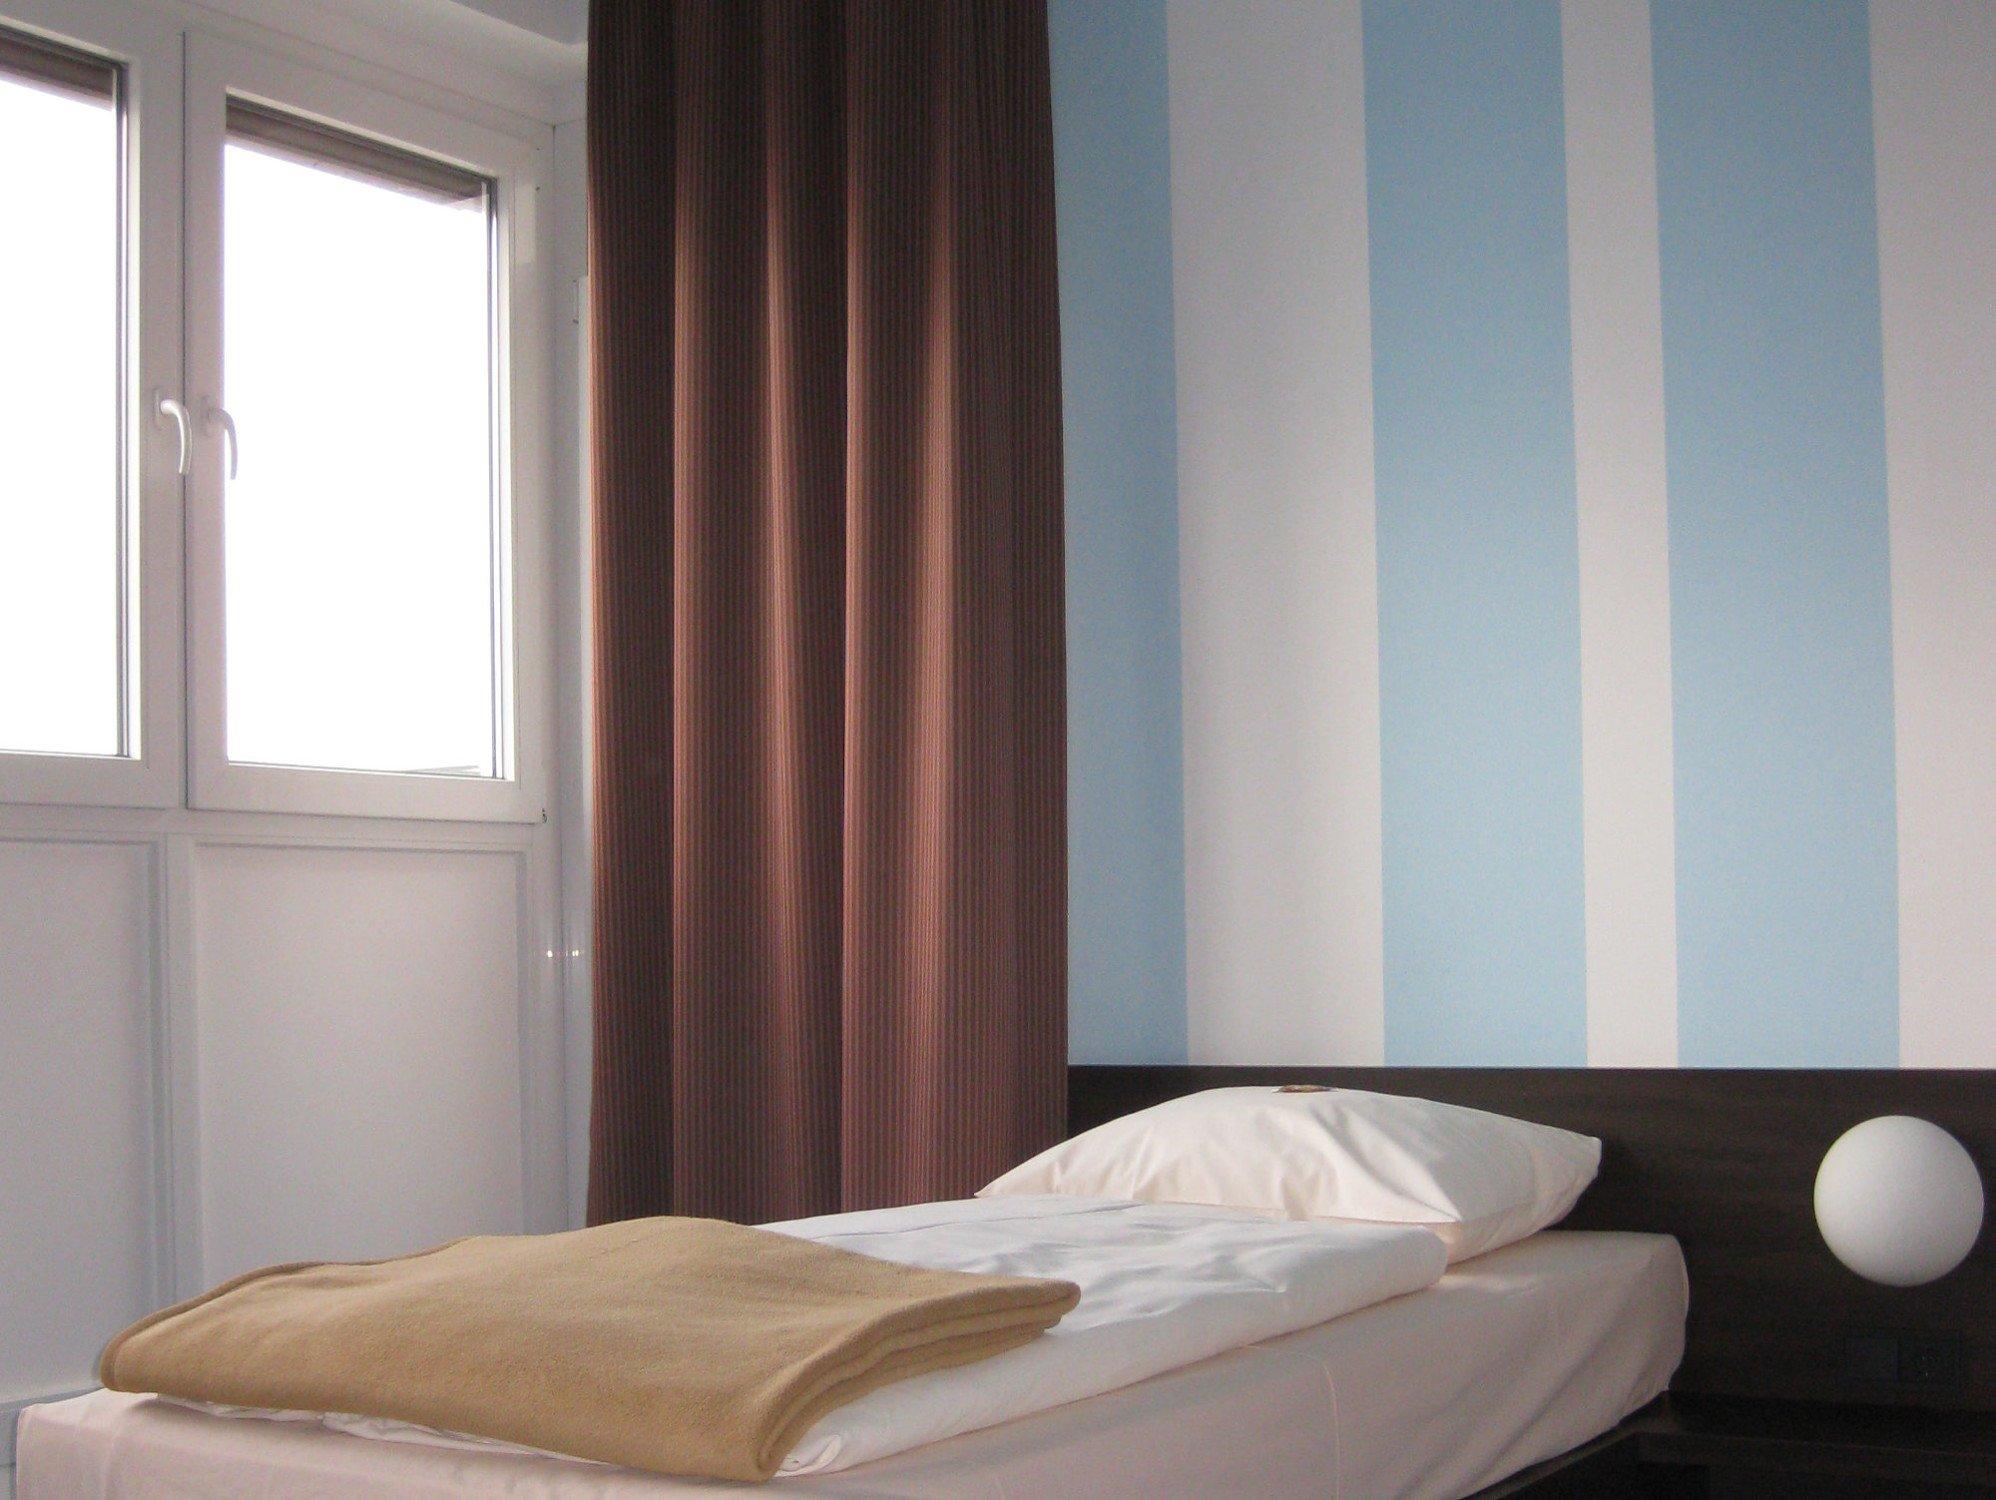 nachträglicher schallschutz schlafzimmer